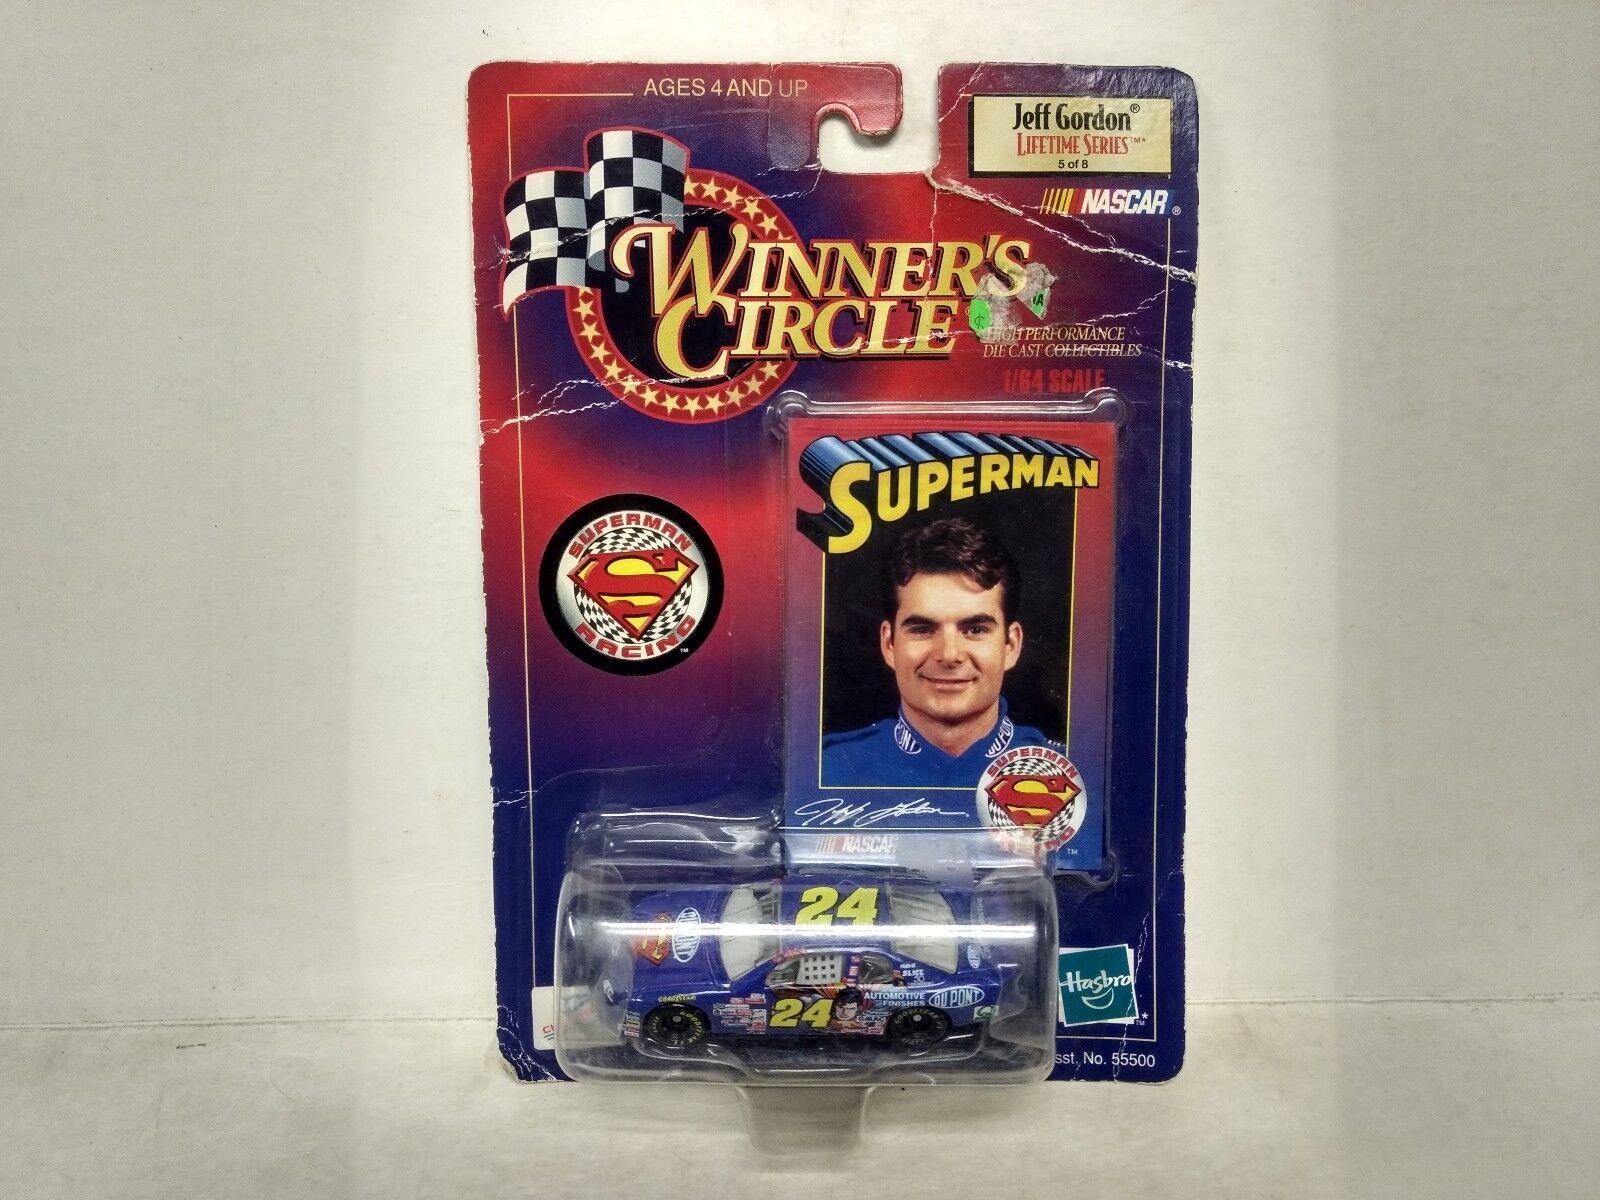 Nascar Sieger Kreis Jeff Gordon Superman 1 64 Skala-Modelle mb74